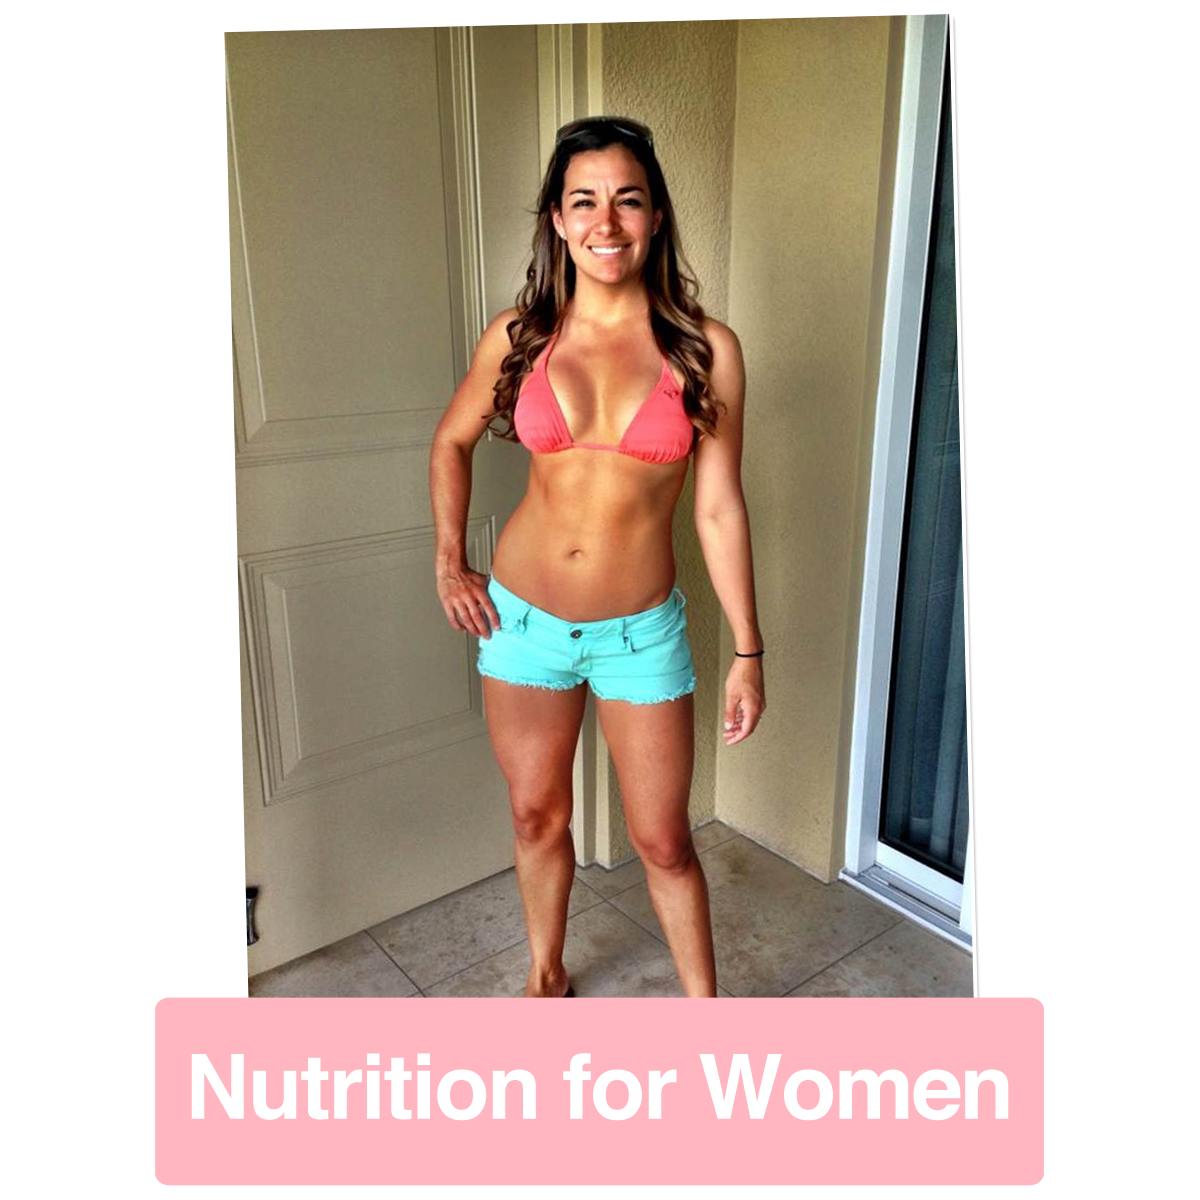 Women's Nutrition Program